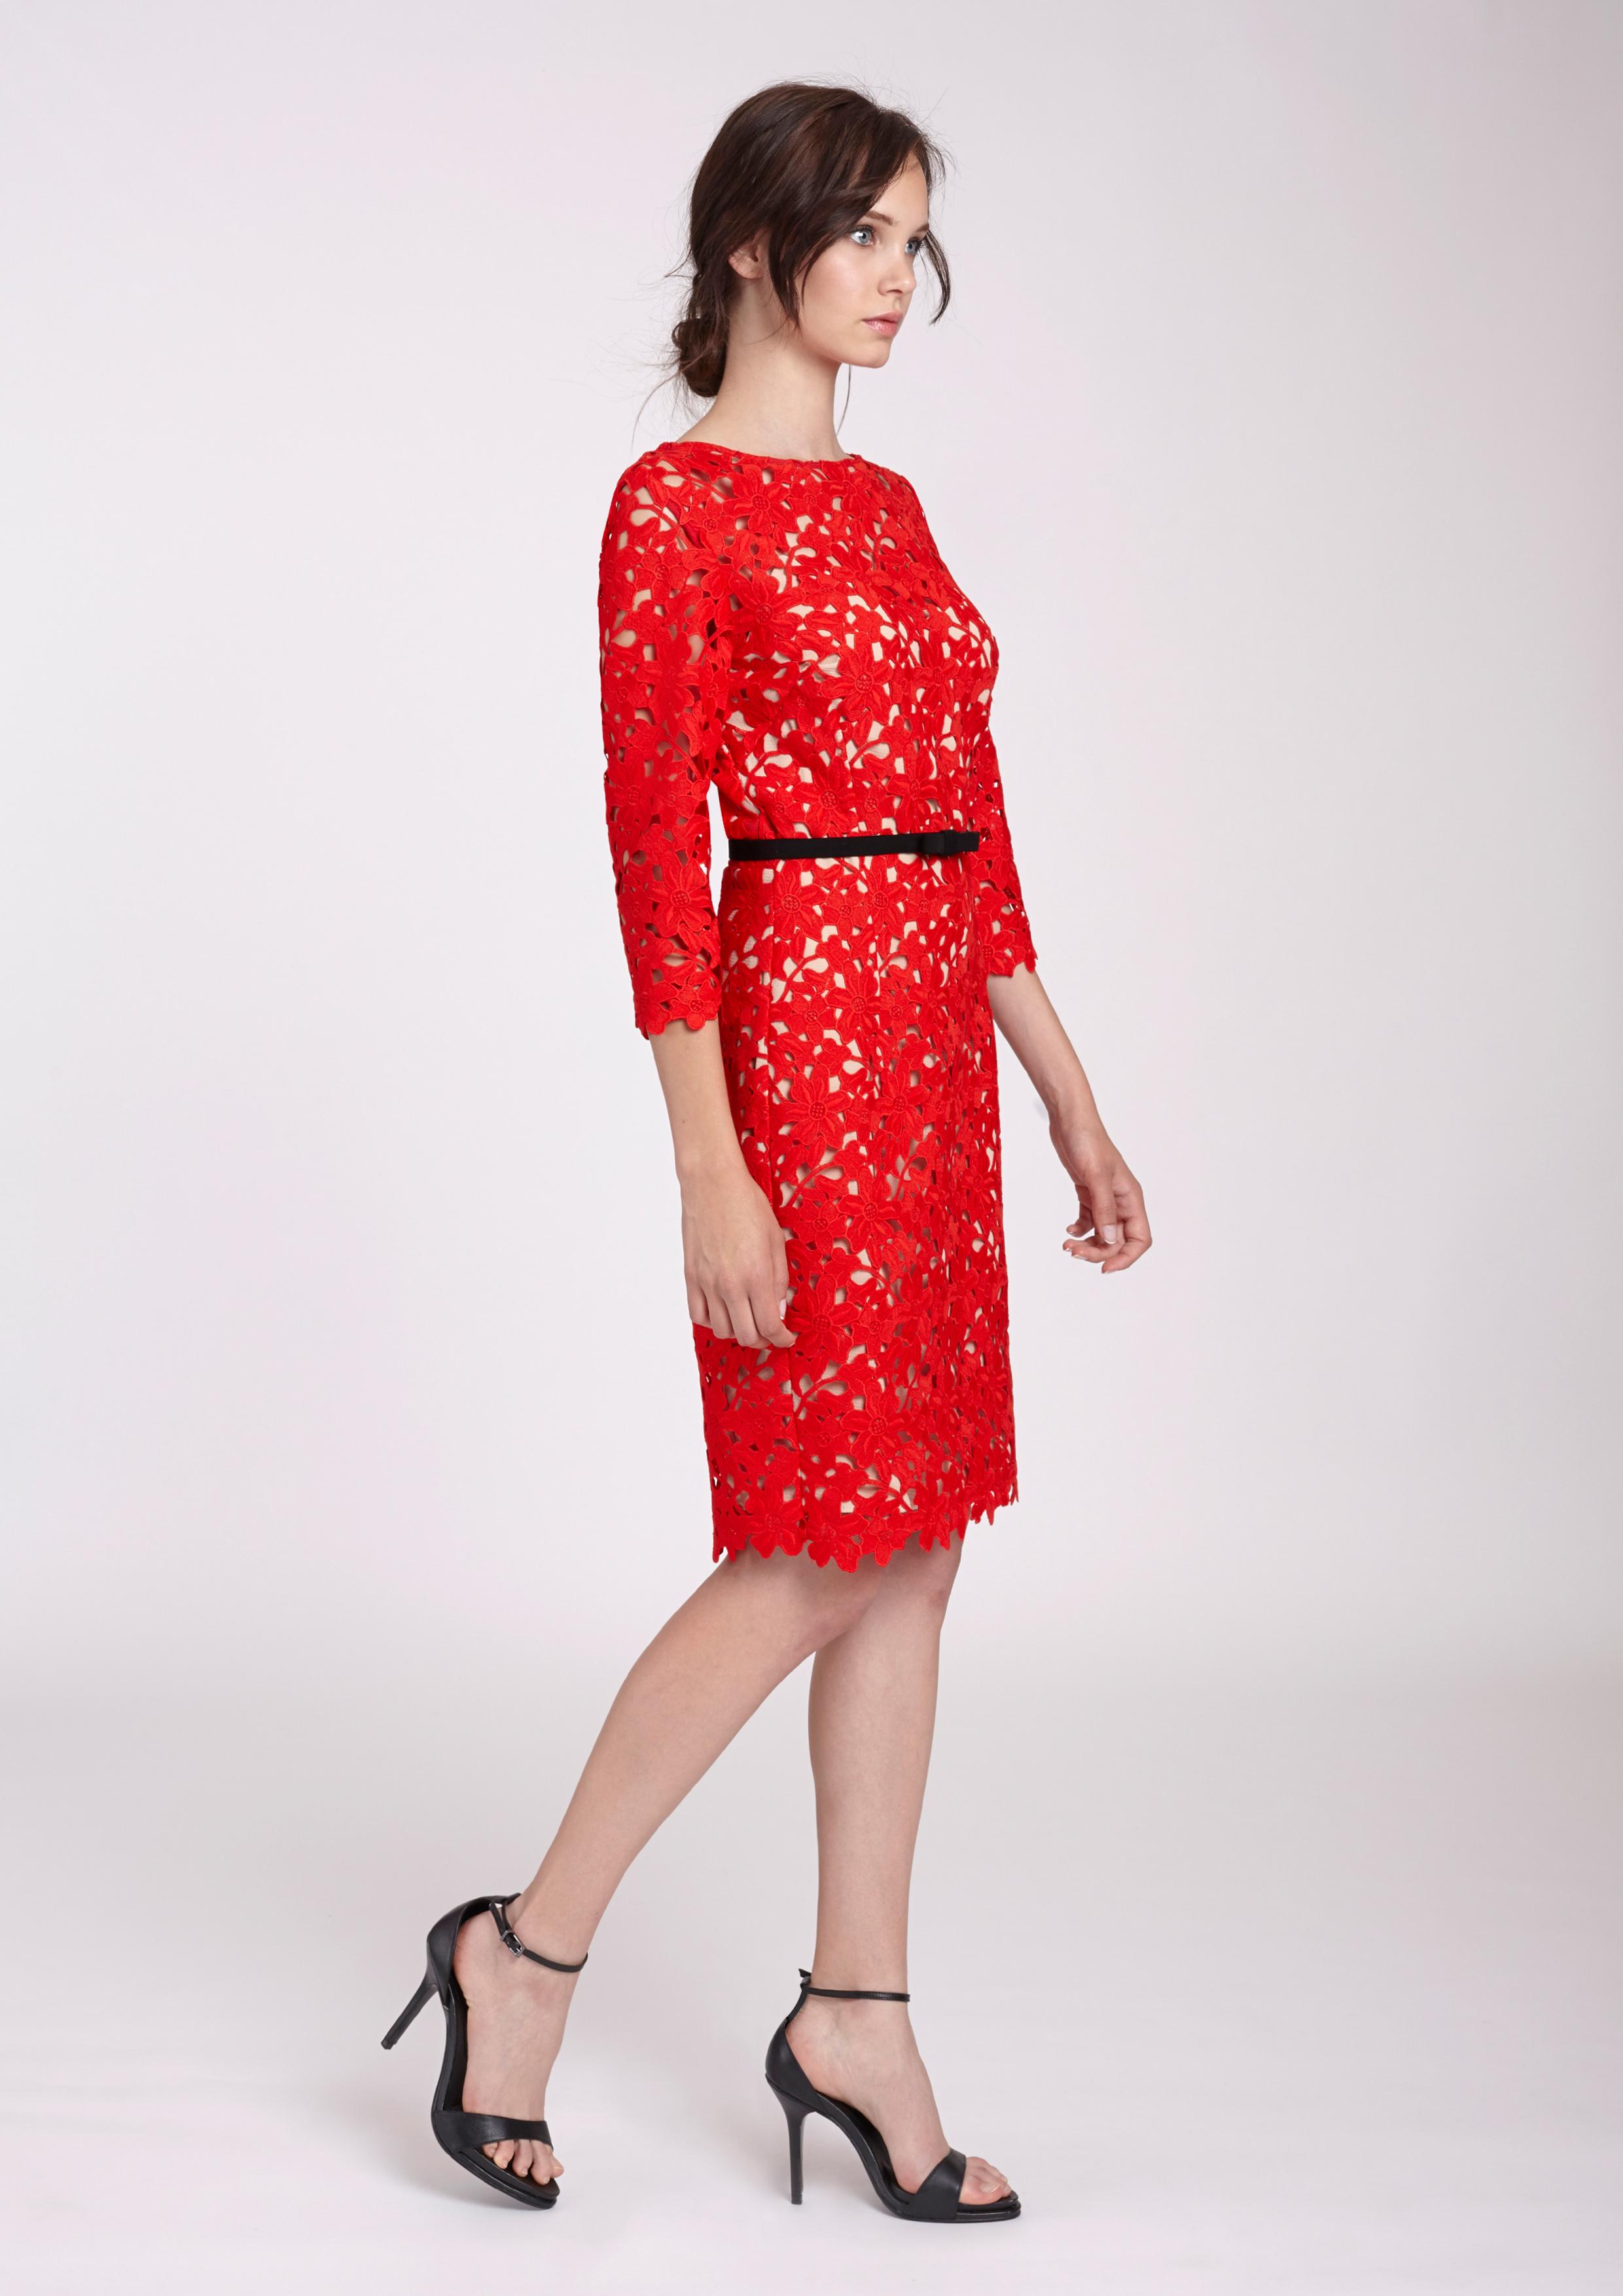 Vestido rojo en guipur